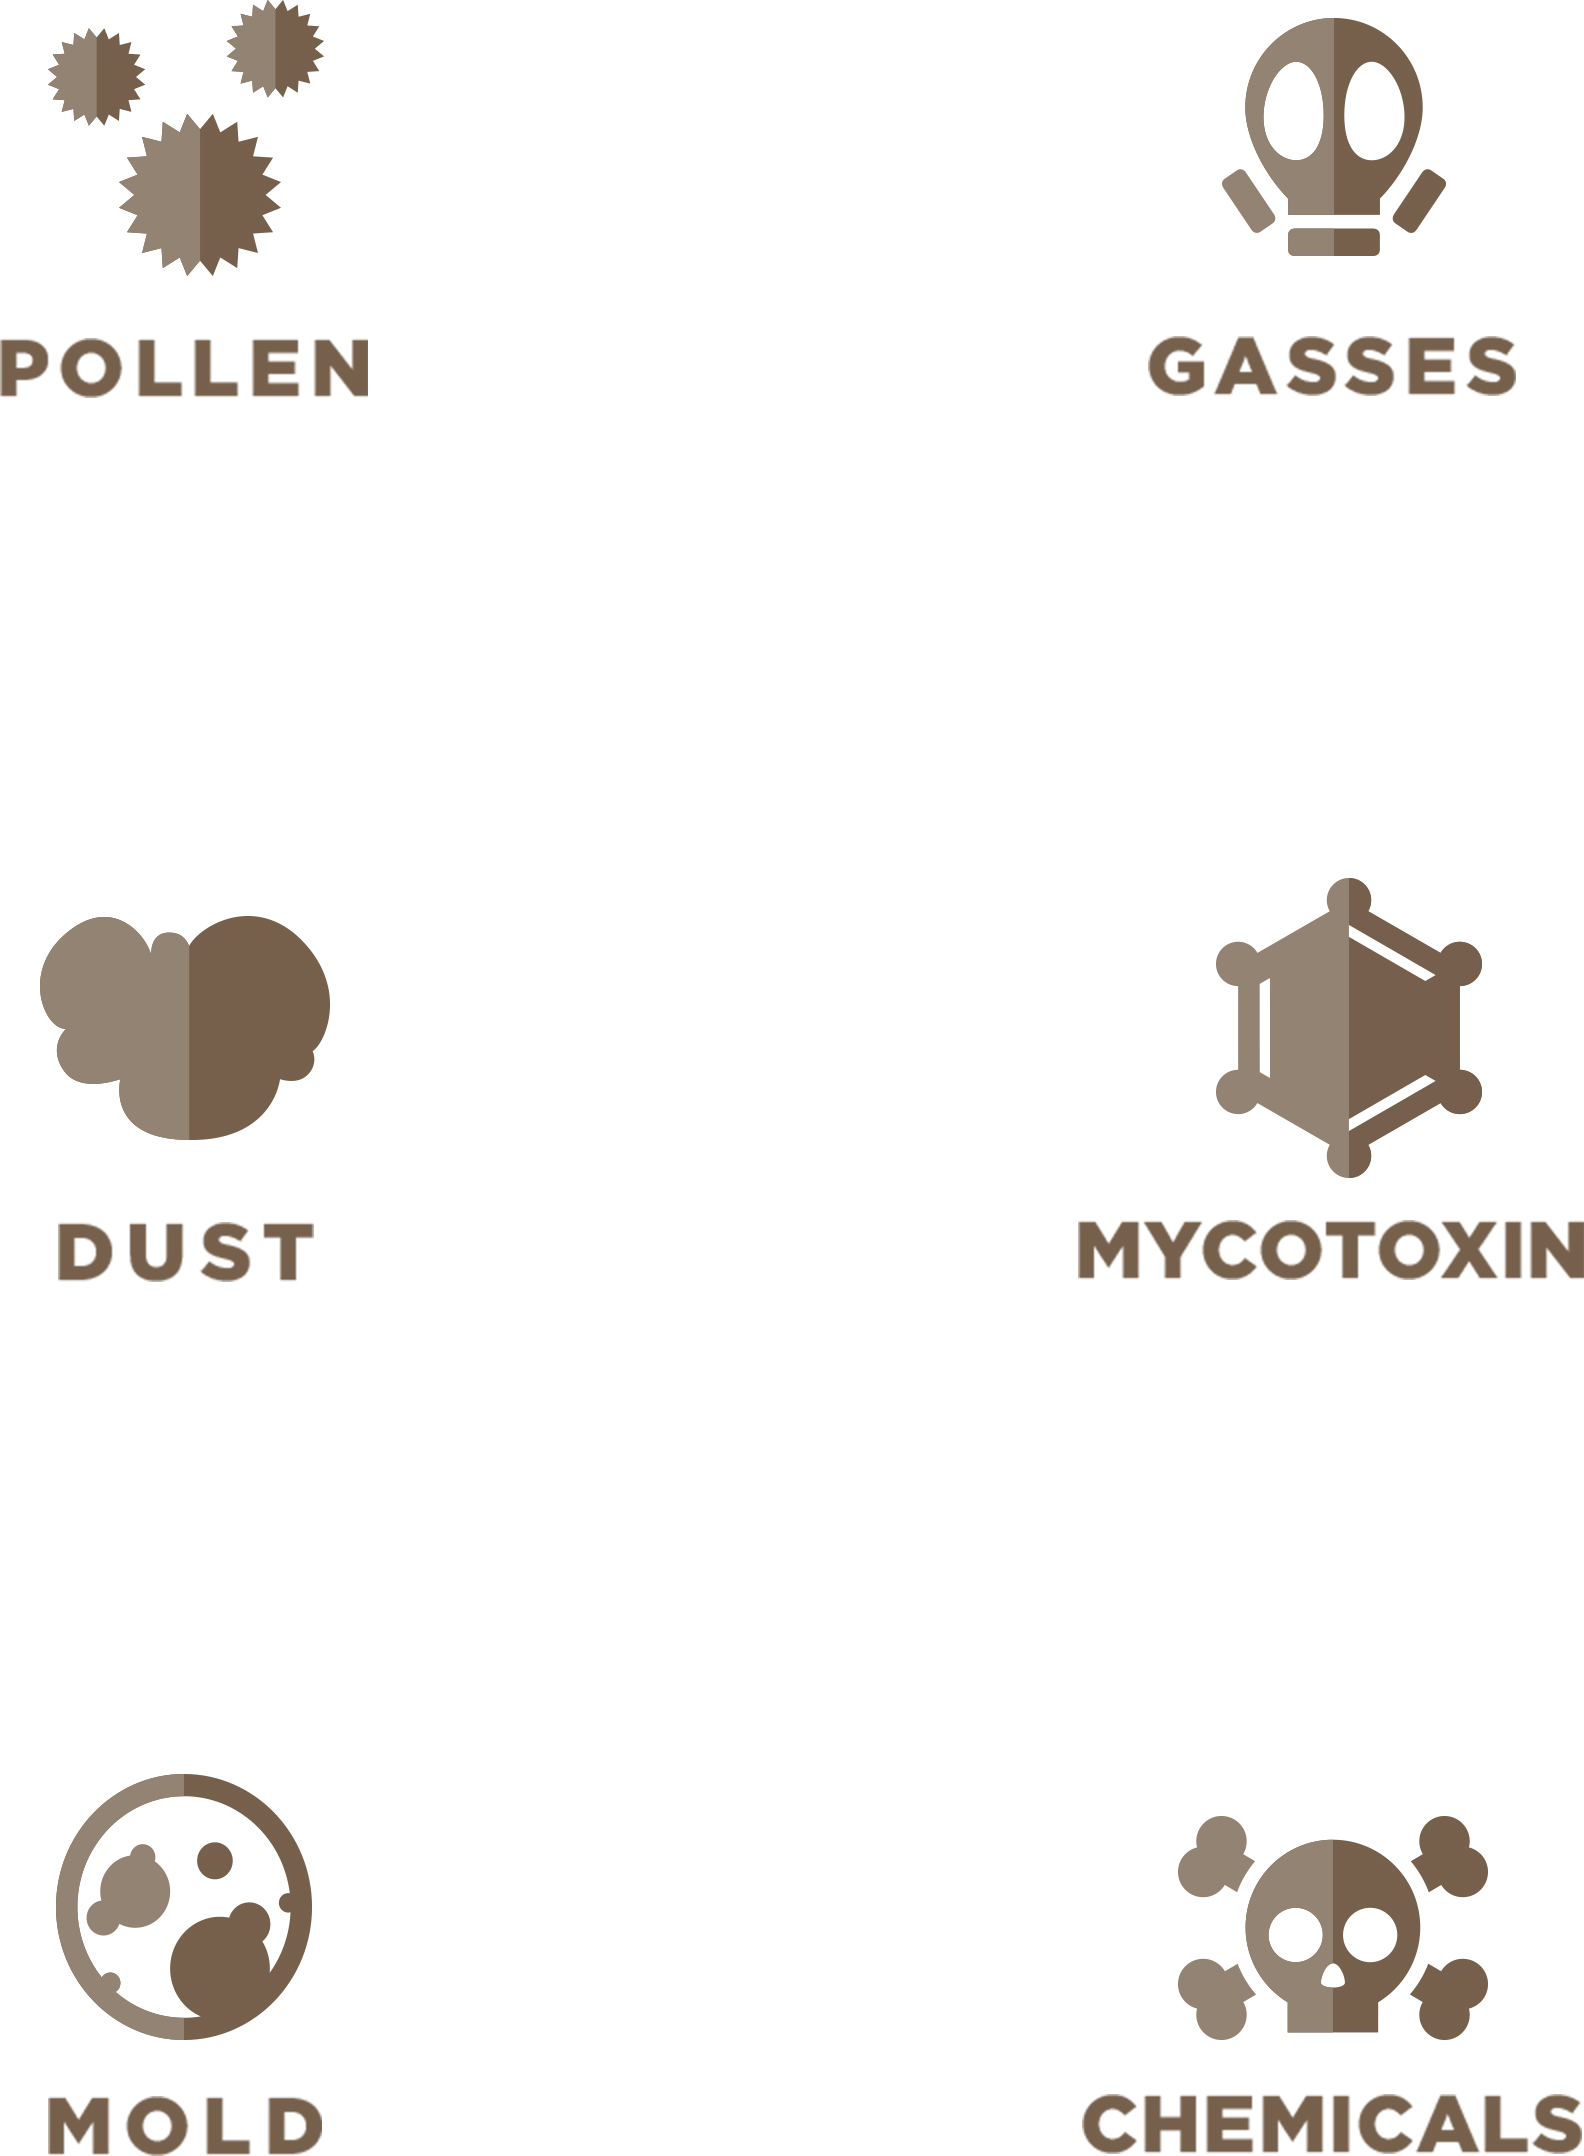 mobile_toxins.jpg